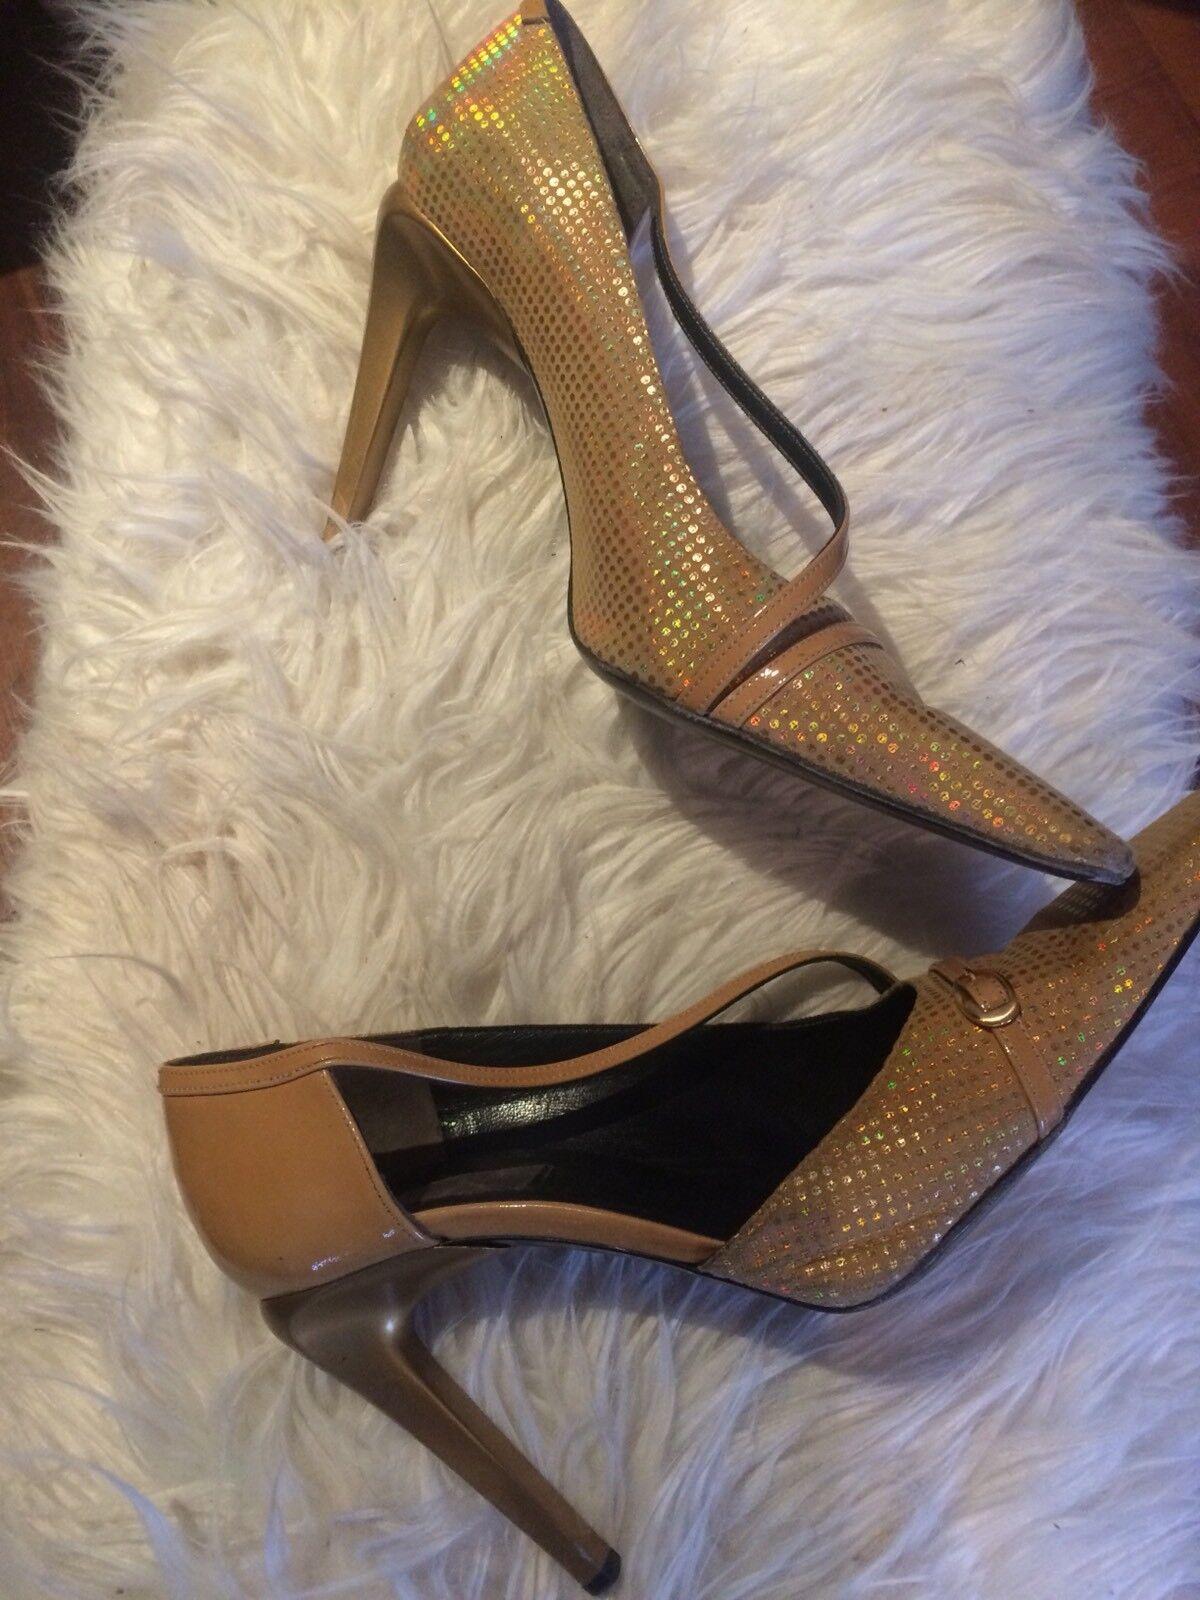 Escarpins vintage LAGERFELD US dorés - T. 7,5 US LAGERFELD / EU 38,5 gold disco shoes deb29e